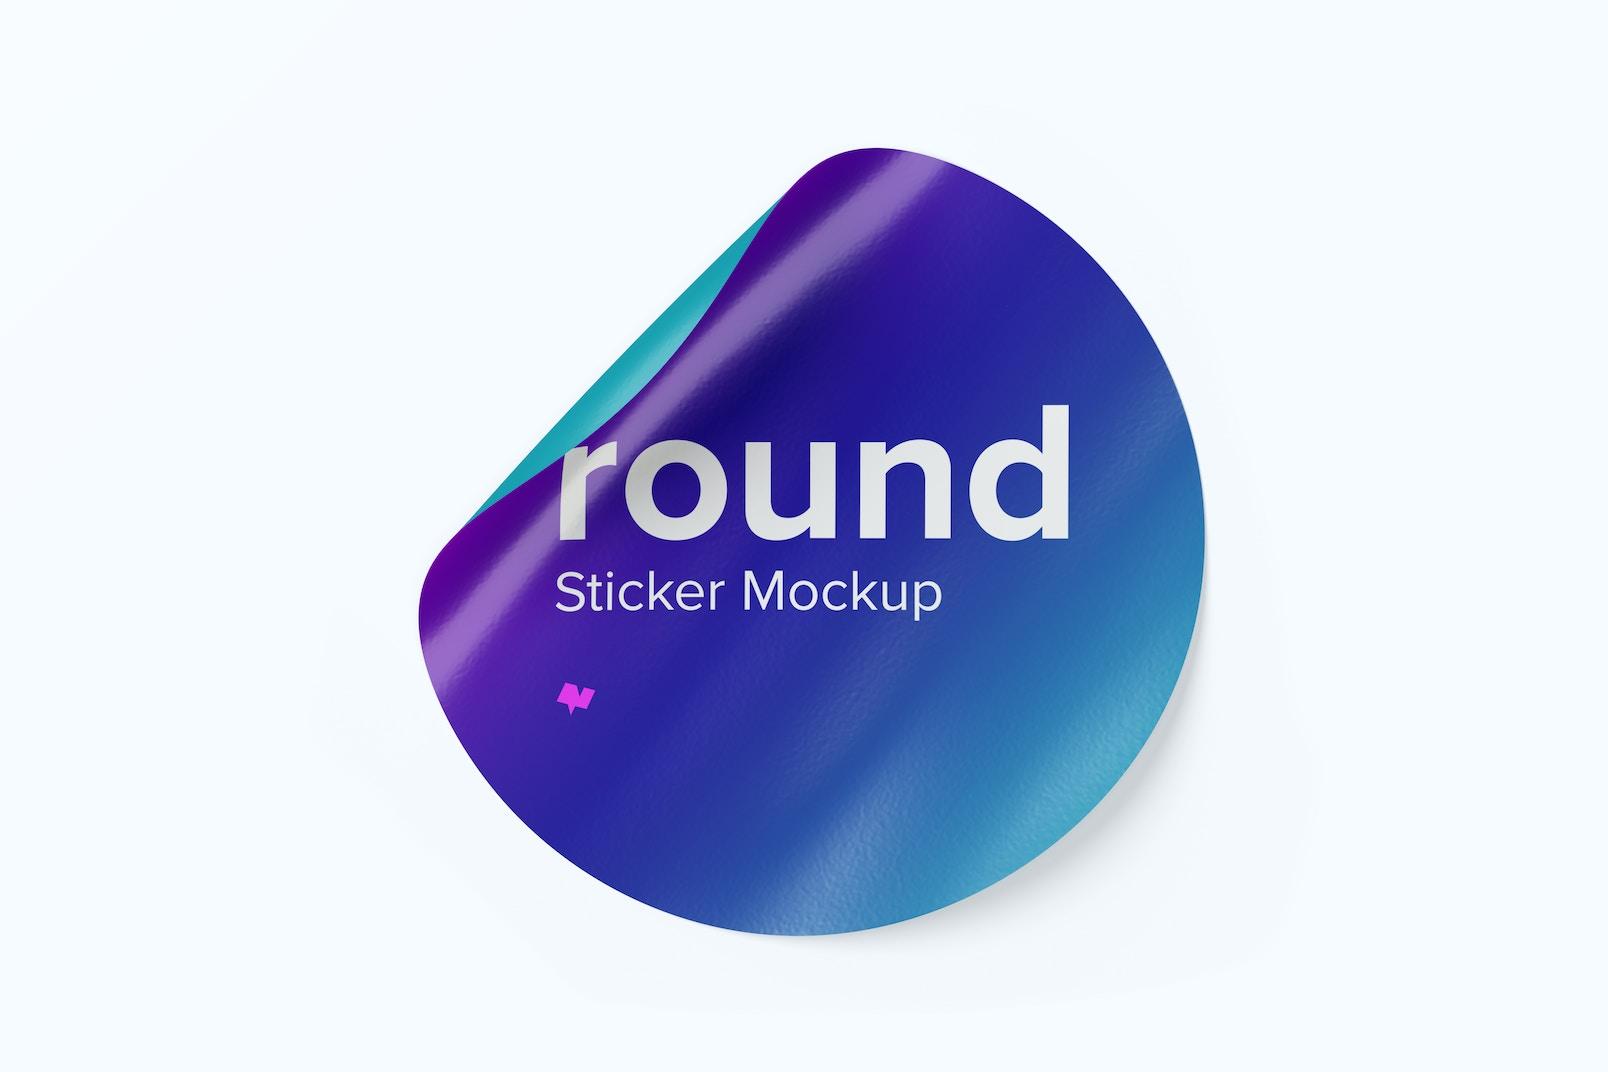 Round Sticker Mockup, Front View 02